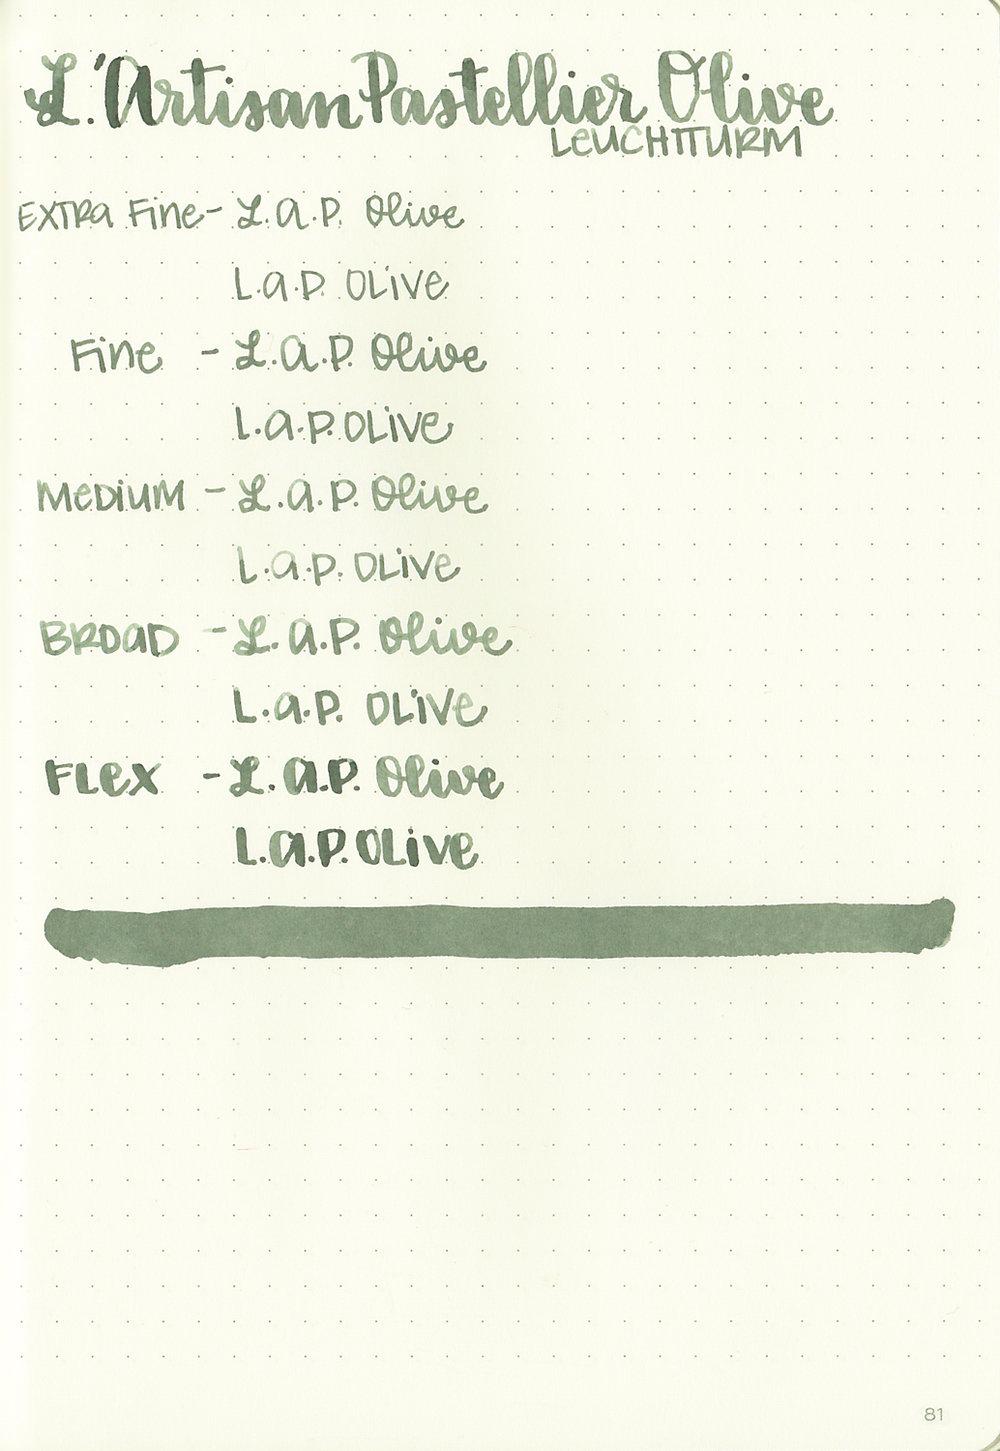 LAPOlive-2.jpg